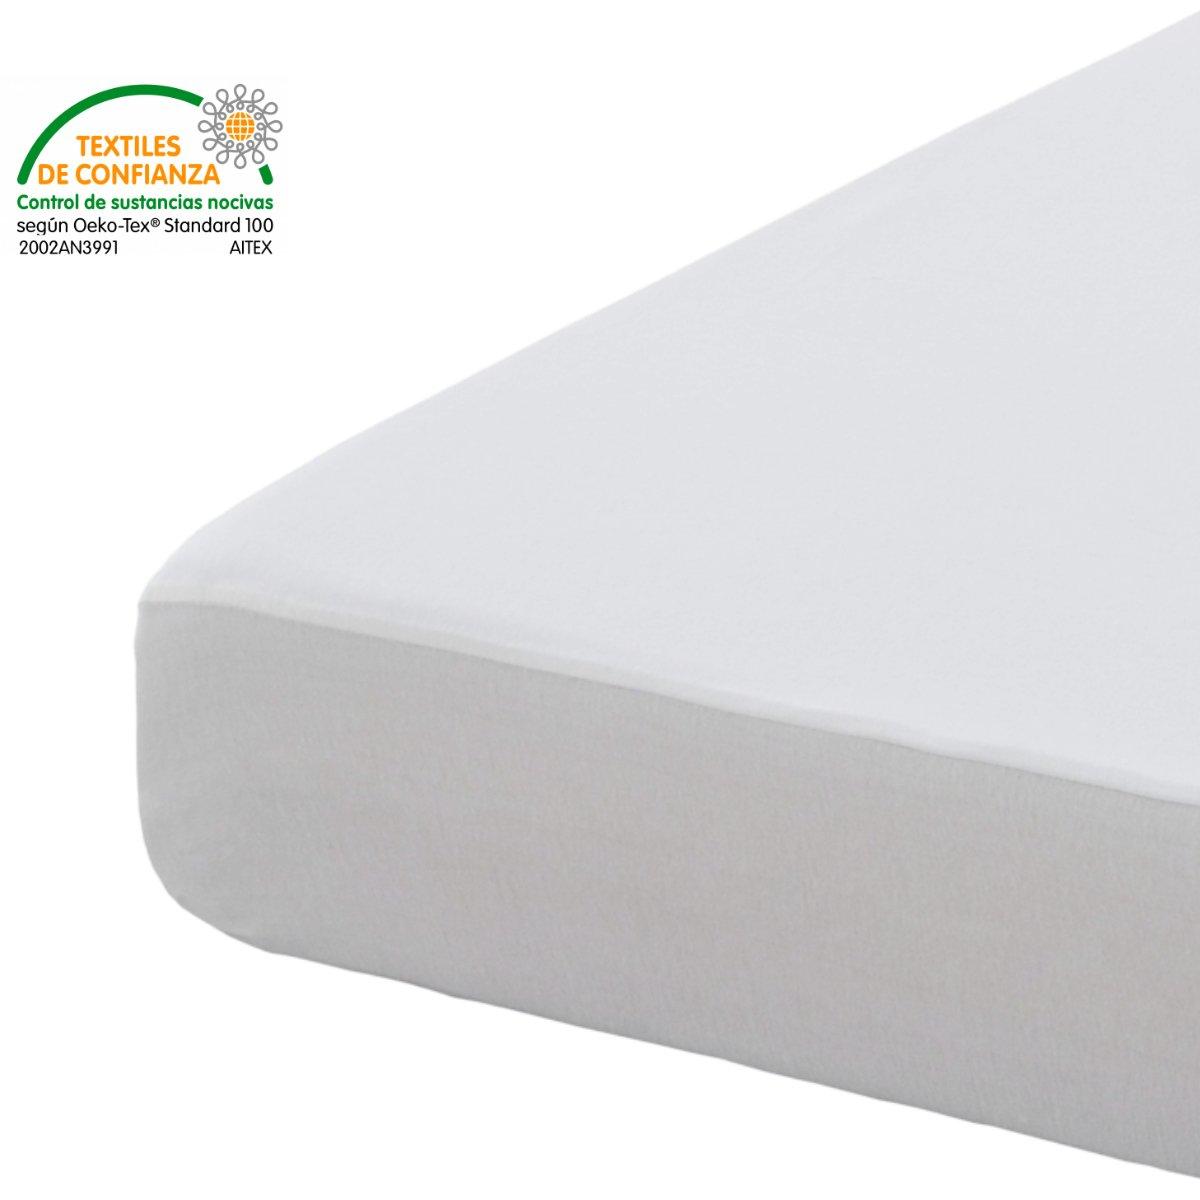 Abitti Bonitex - Protector de colchón Altea de 150cm: Impermeable y Transpirable, 100% algodón Natural, Cama 150 x 190/200 cm: Amazon.es: Hogar